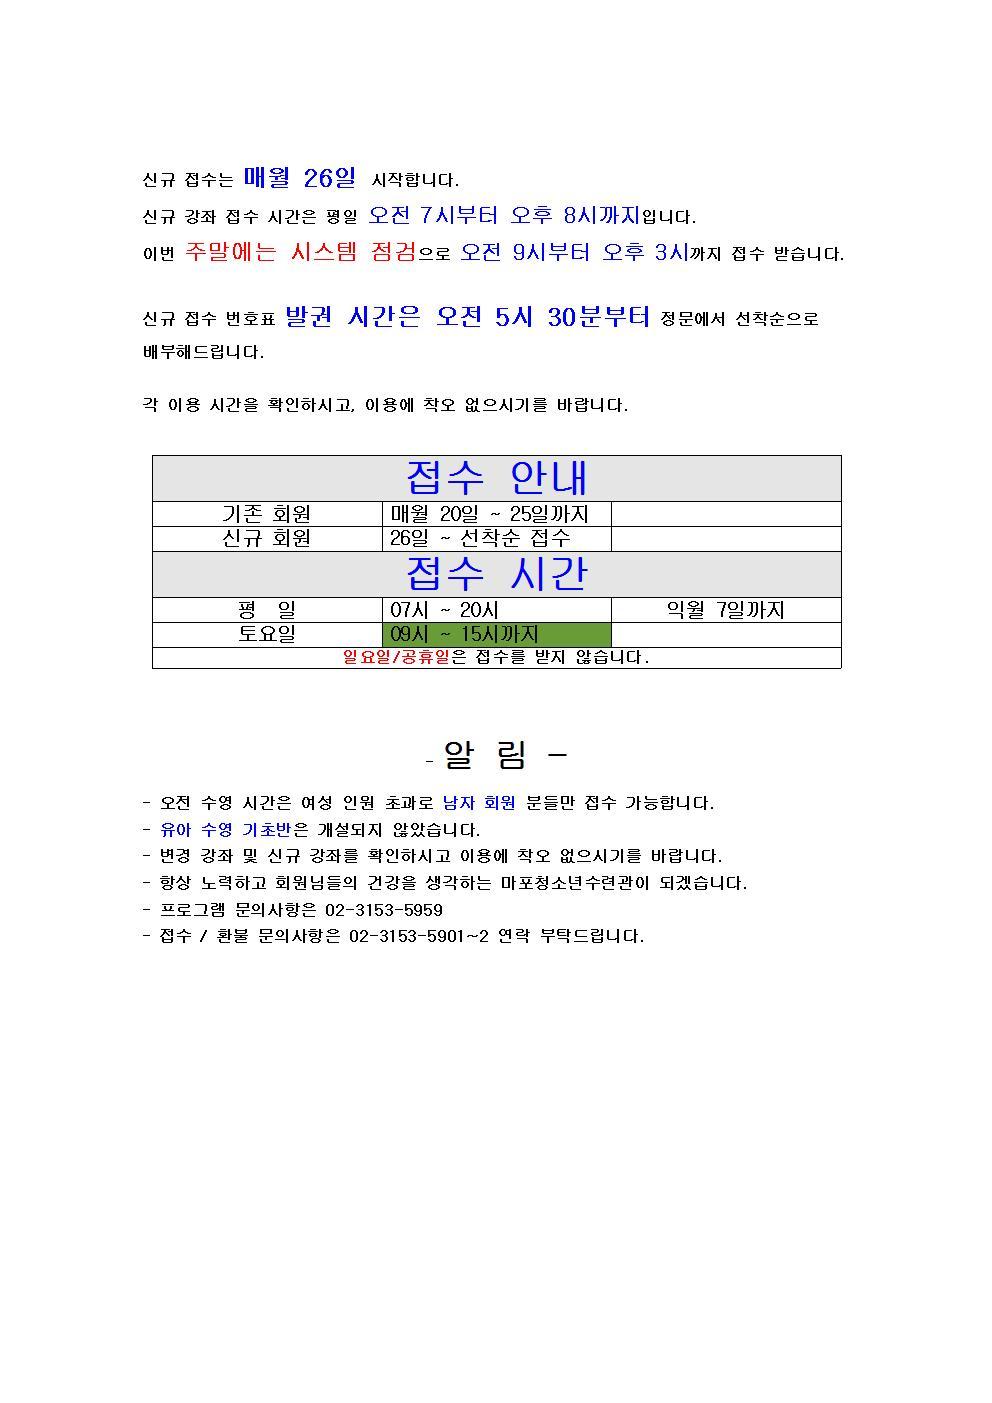 신규접수는 매월 26일 시작합니다(주말 시간 변경)001.jpg